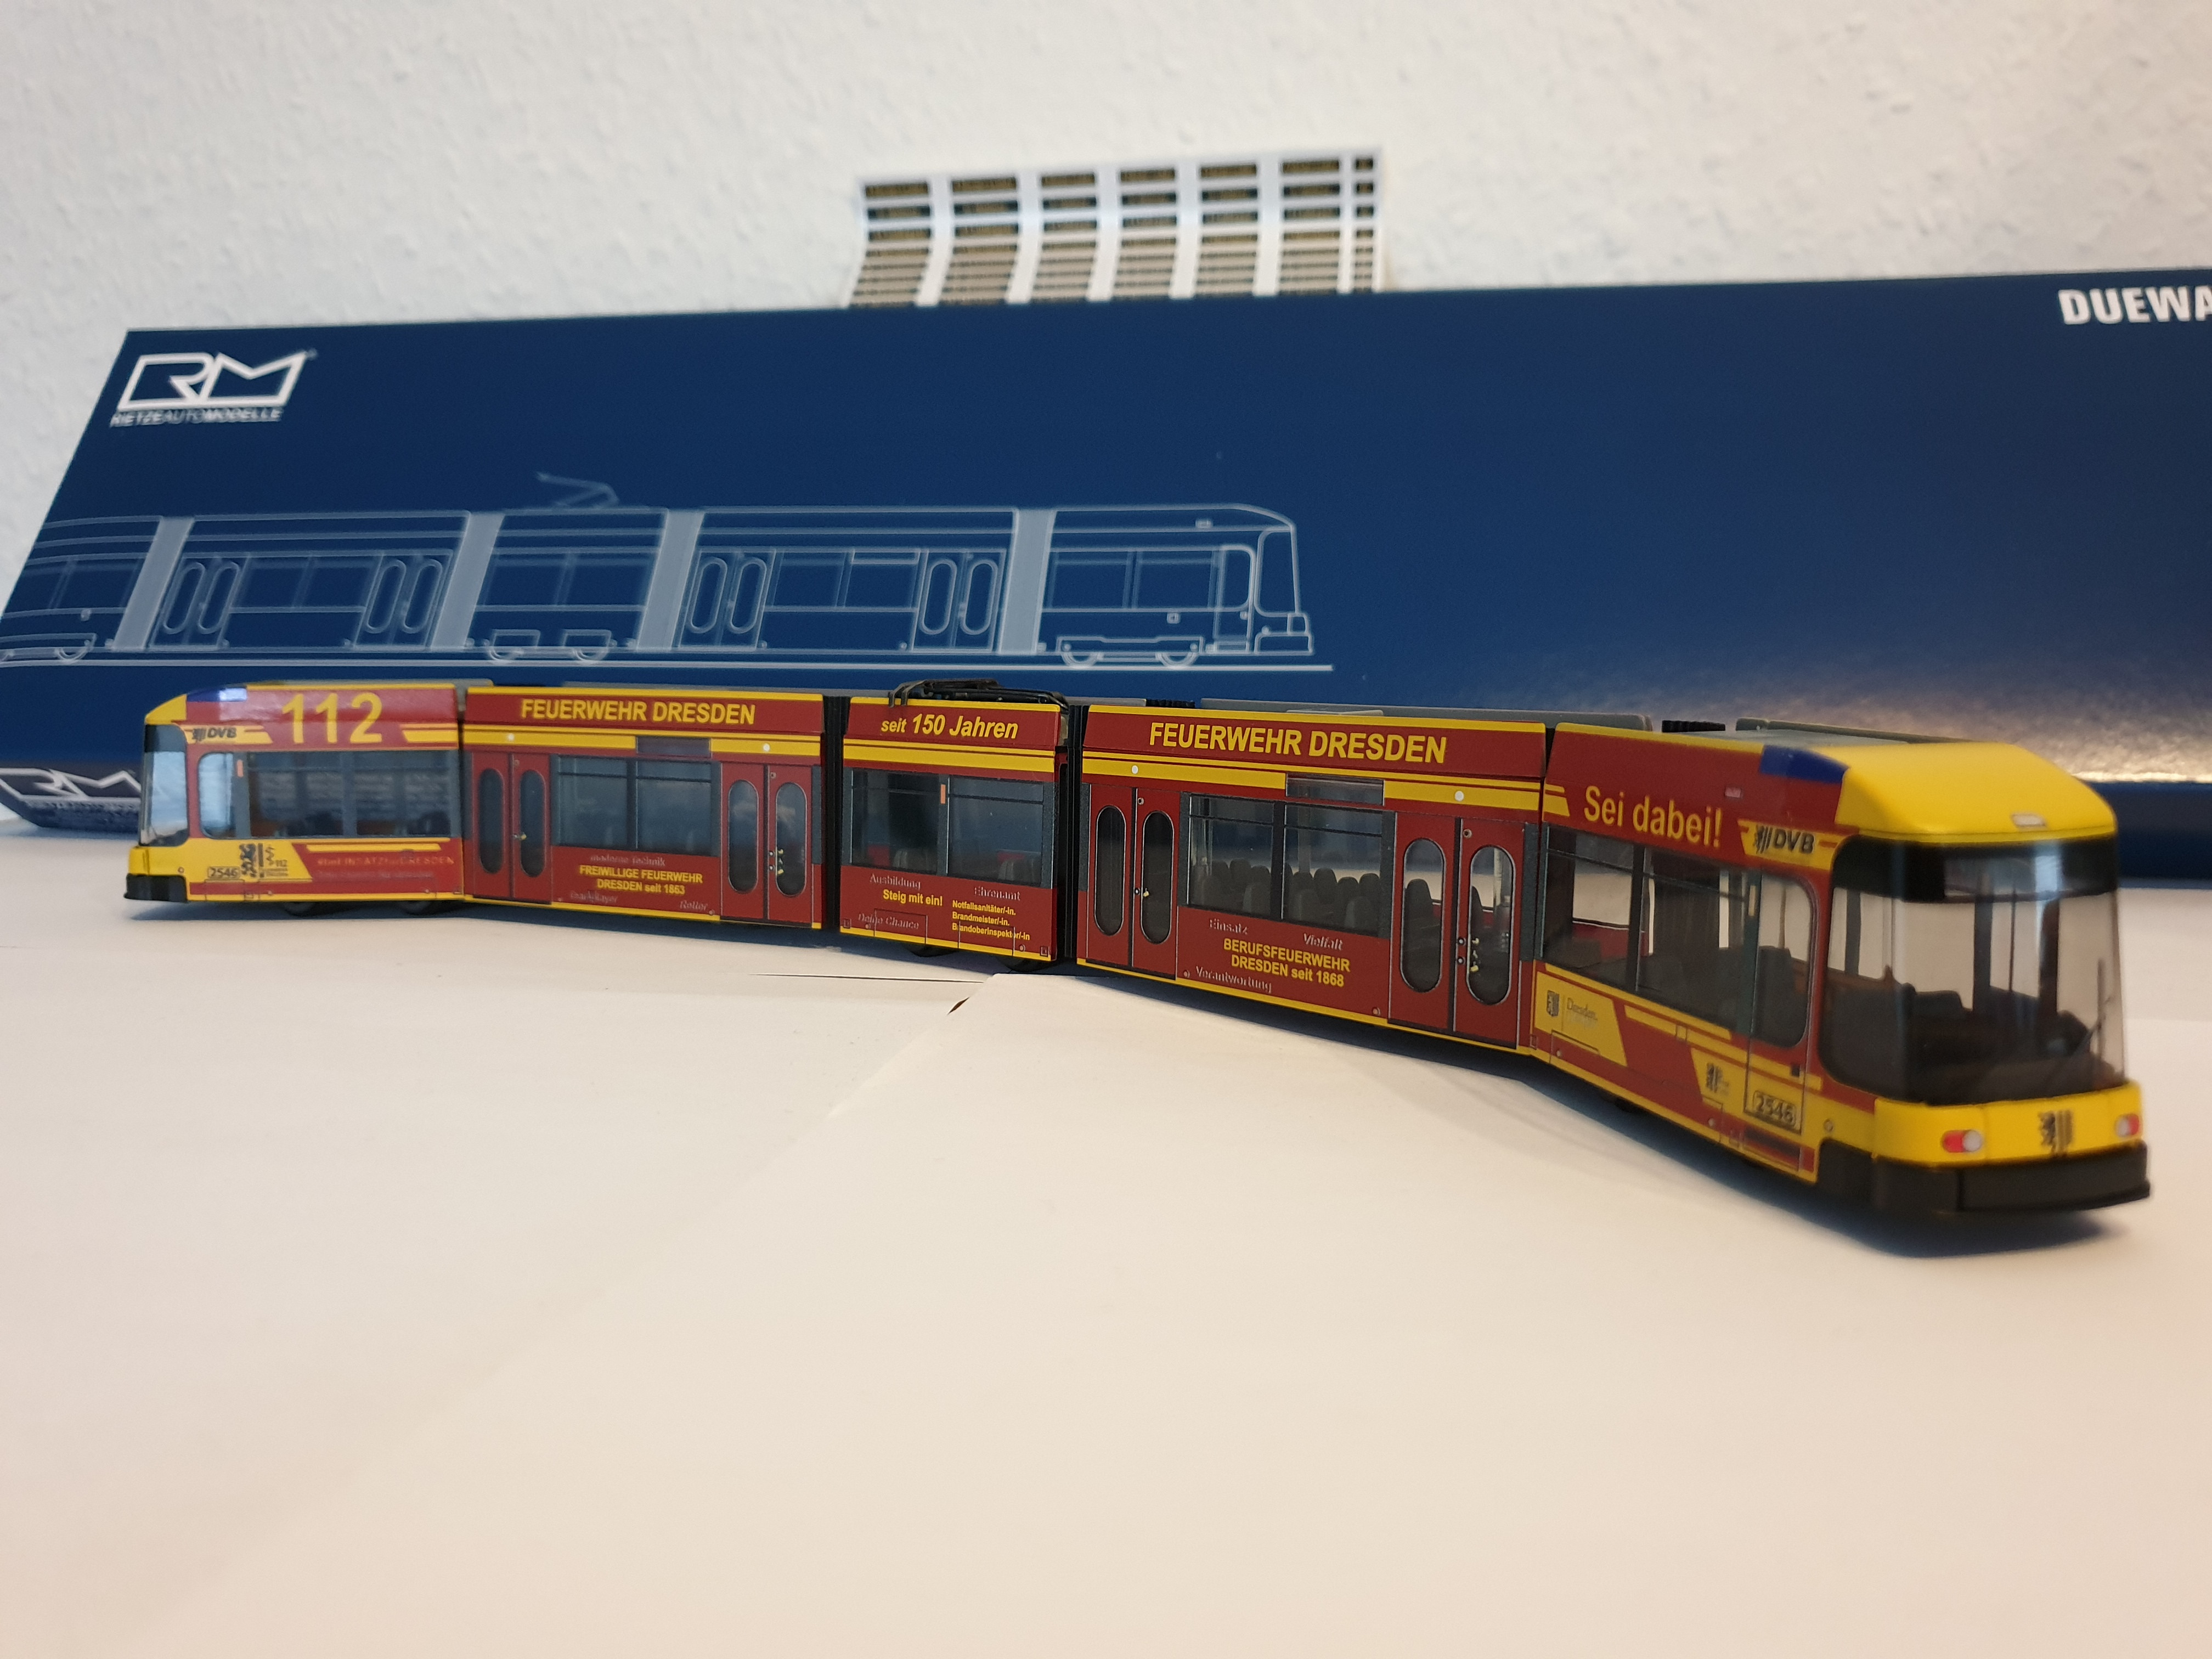 Rietze Siemens DUEWAG NGT 6 DD DVB Dresden mit Vollwerbung 150 Jahre Feuerwehr Dresden, Sondermodell Straßenbahn